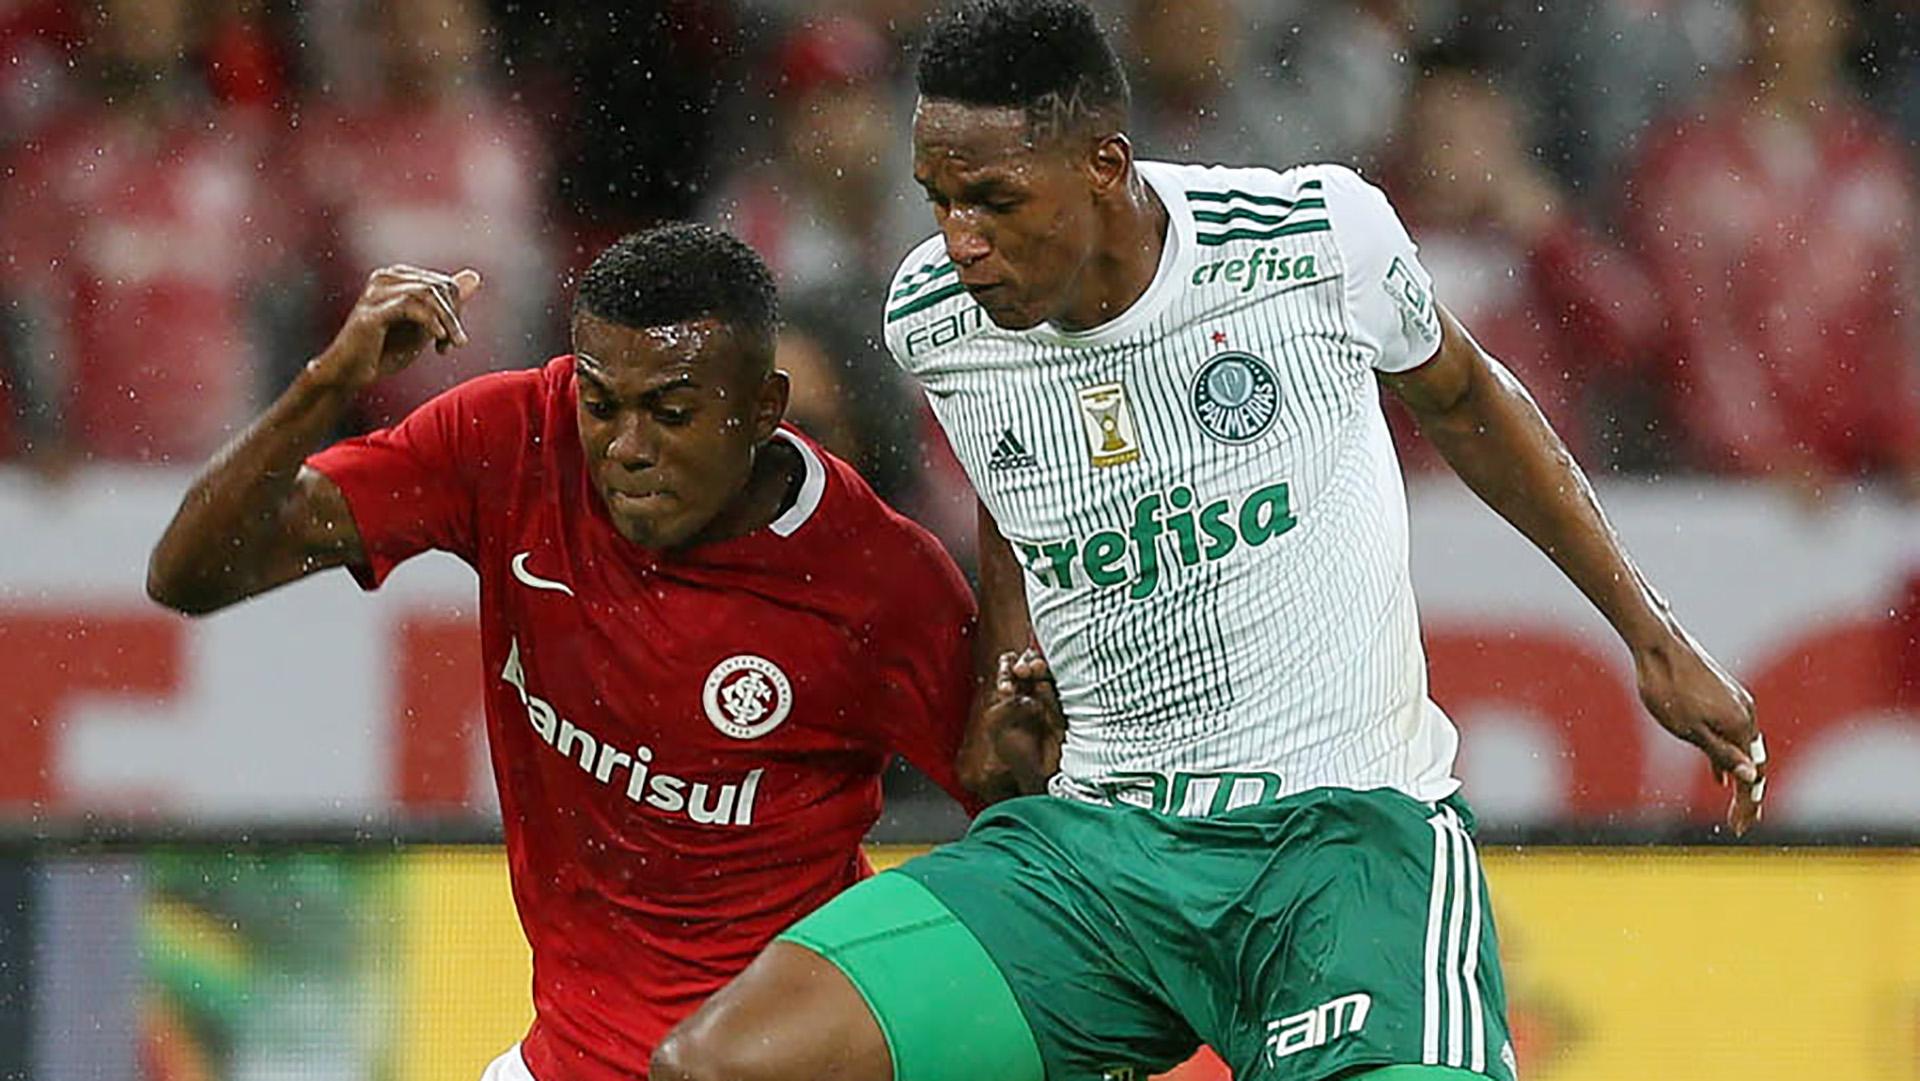 Marcelo Cirino Yerry Mina Internacional Palmeiras CdB 31052017